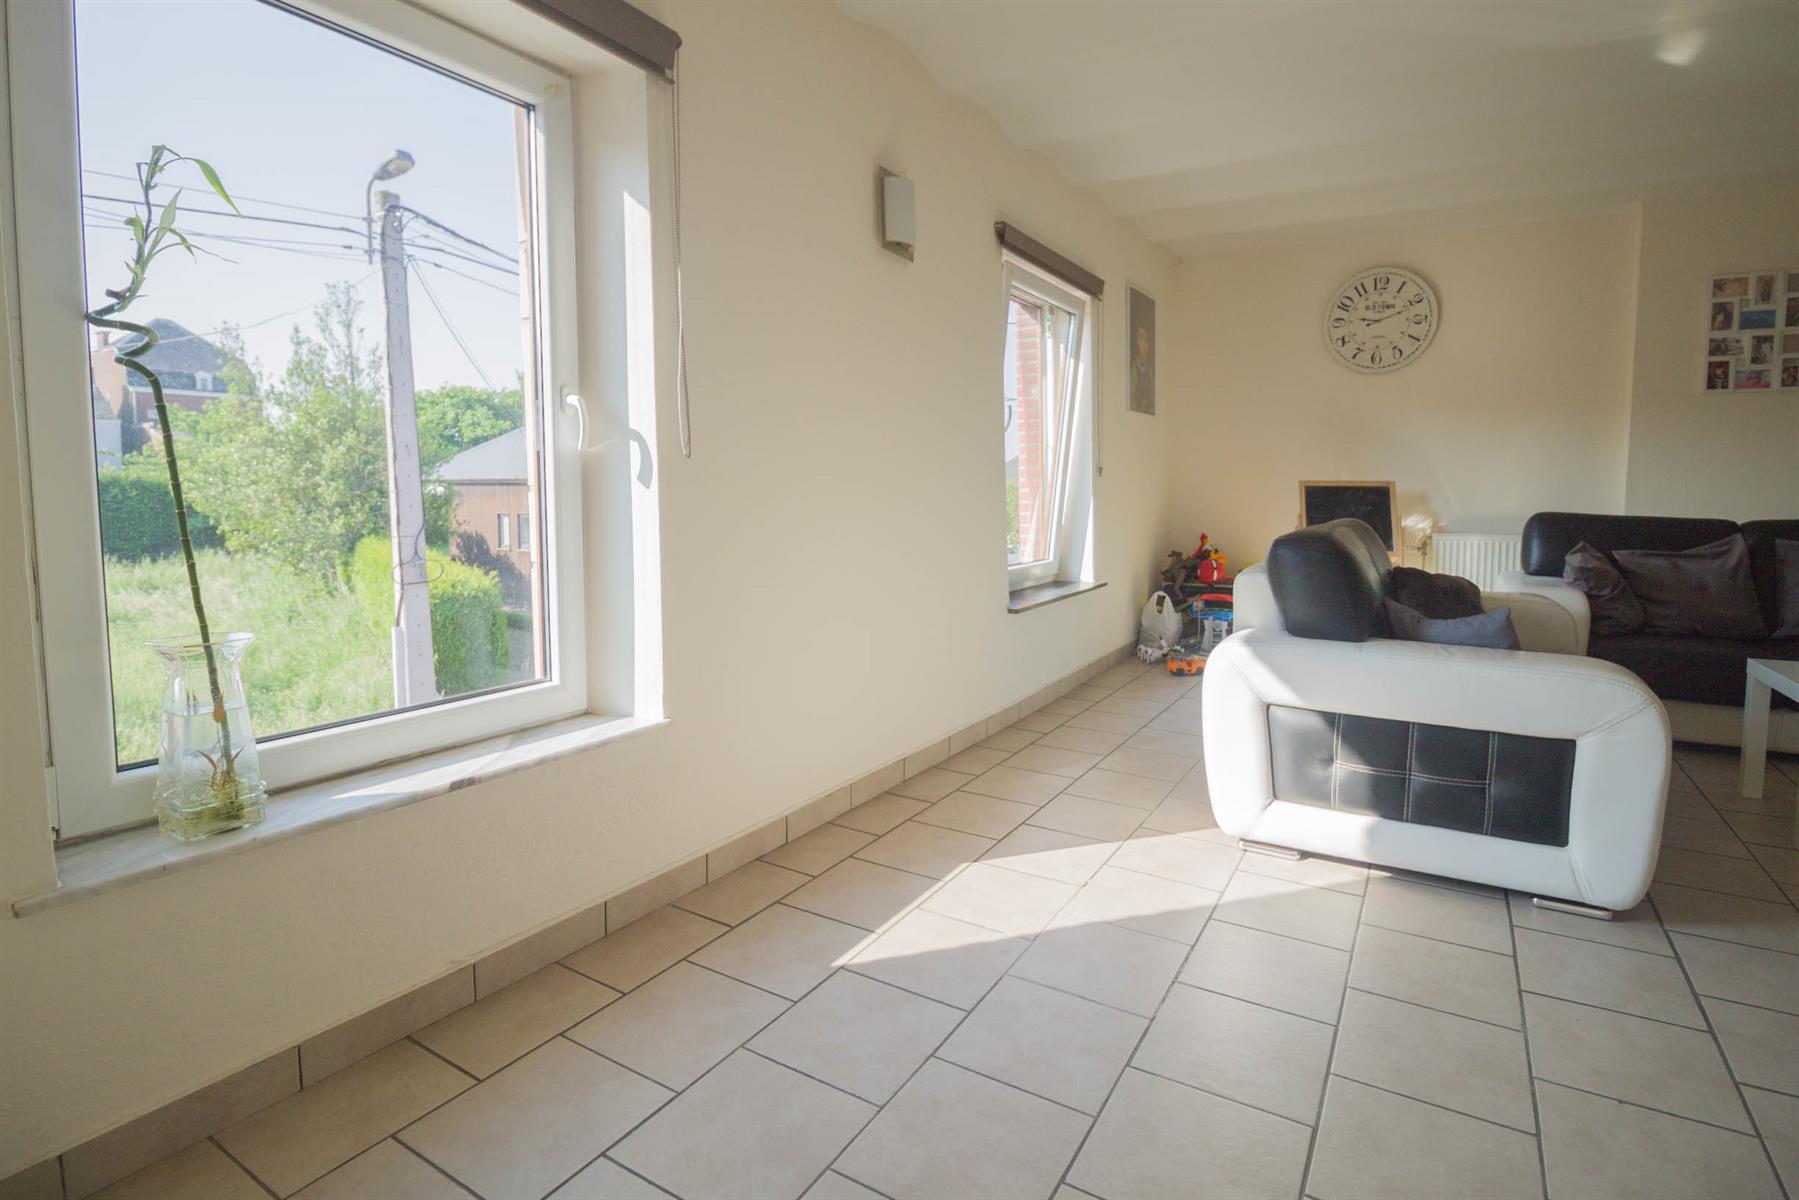 Appartement - Forchies-la-Marche - #4397249-19